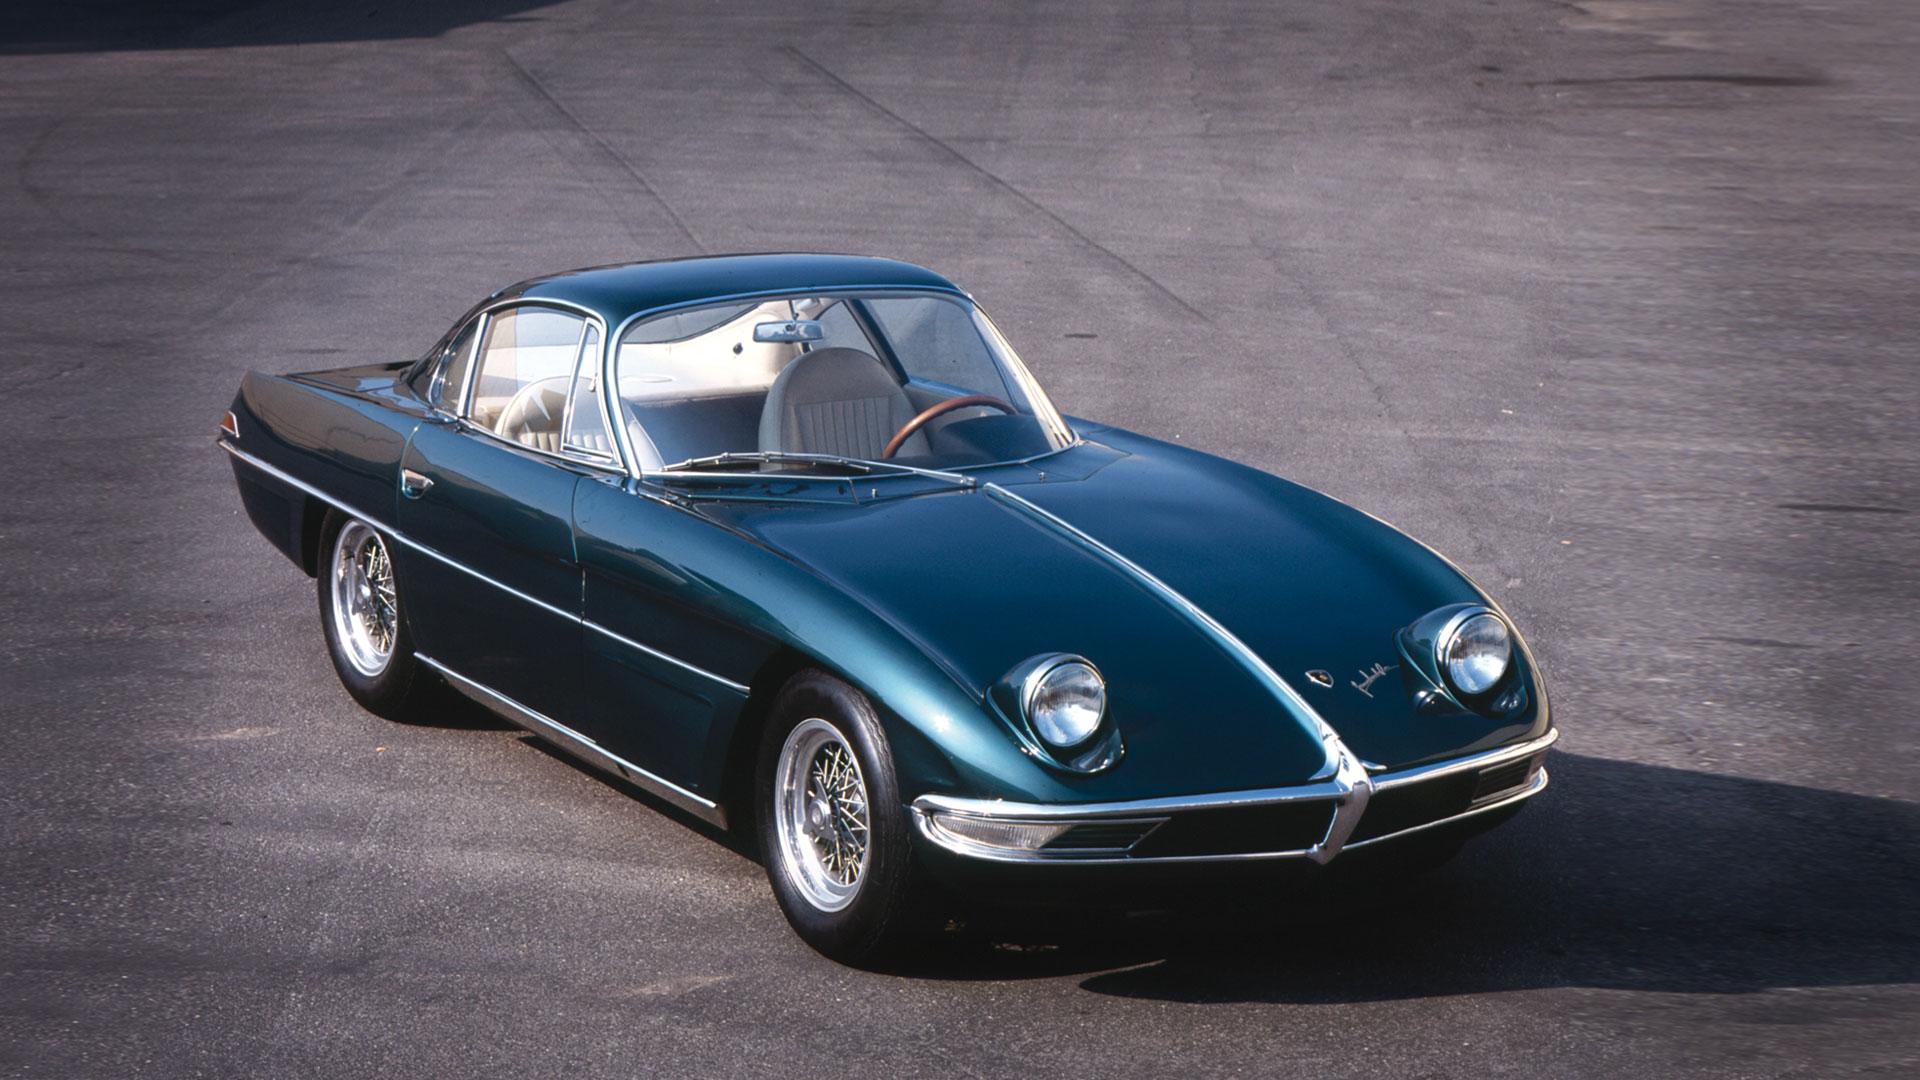 1963 Lamborghini 350GTV PHOTO: Lamborghini